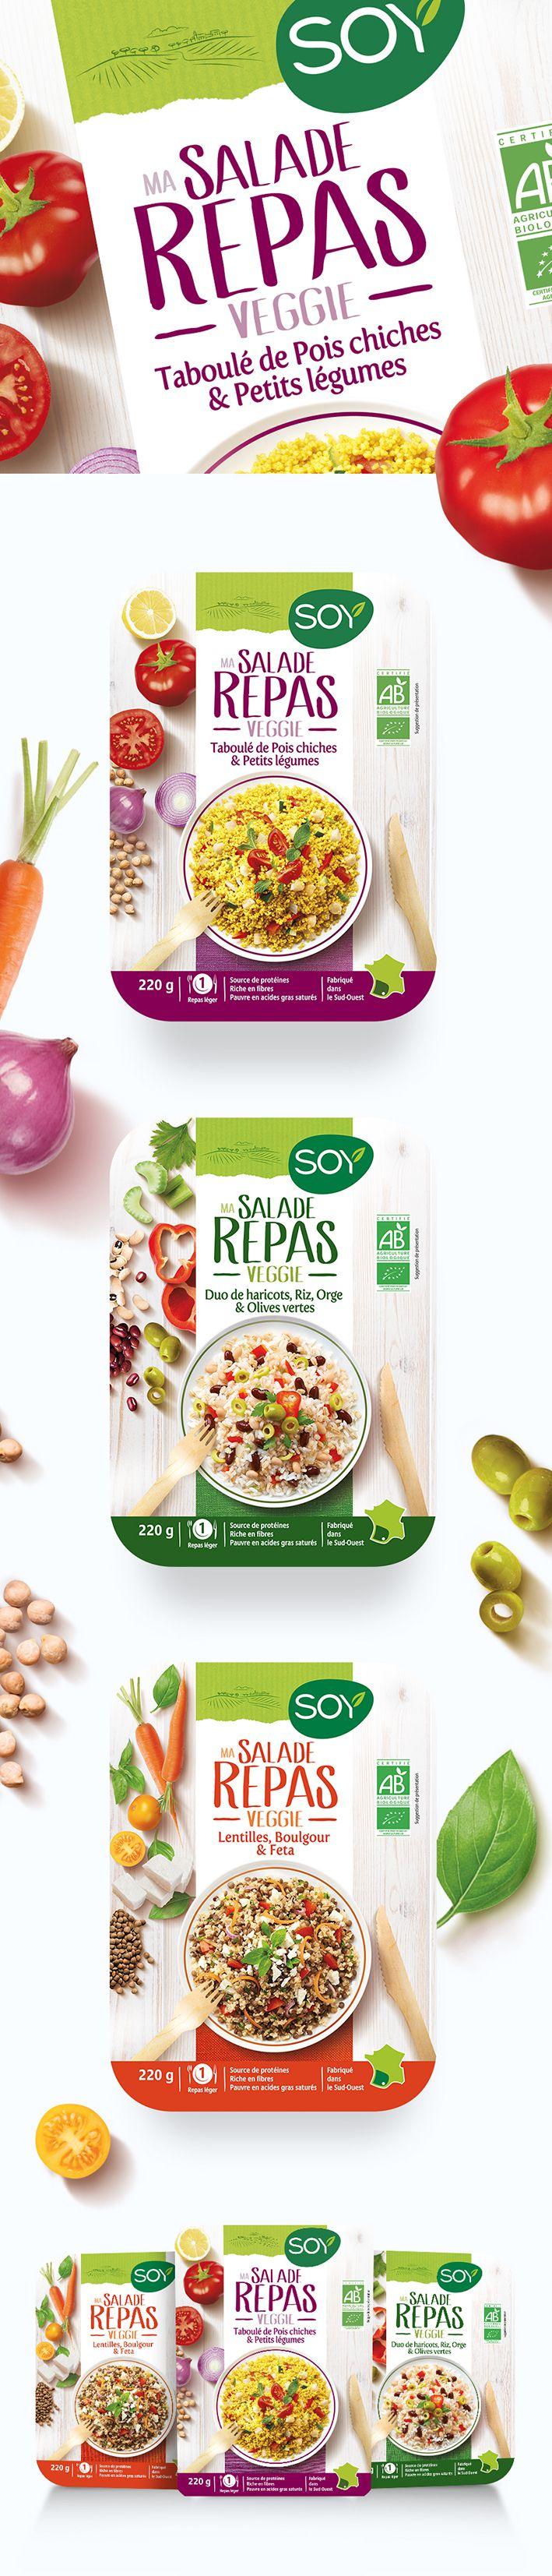 Salades repas veggie toutes prêtes - Conçu par Change Design à Pau